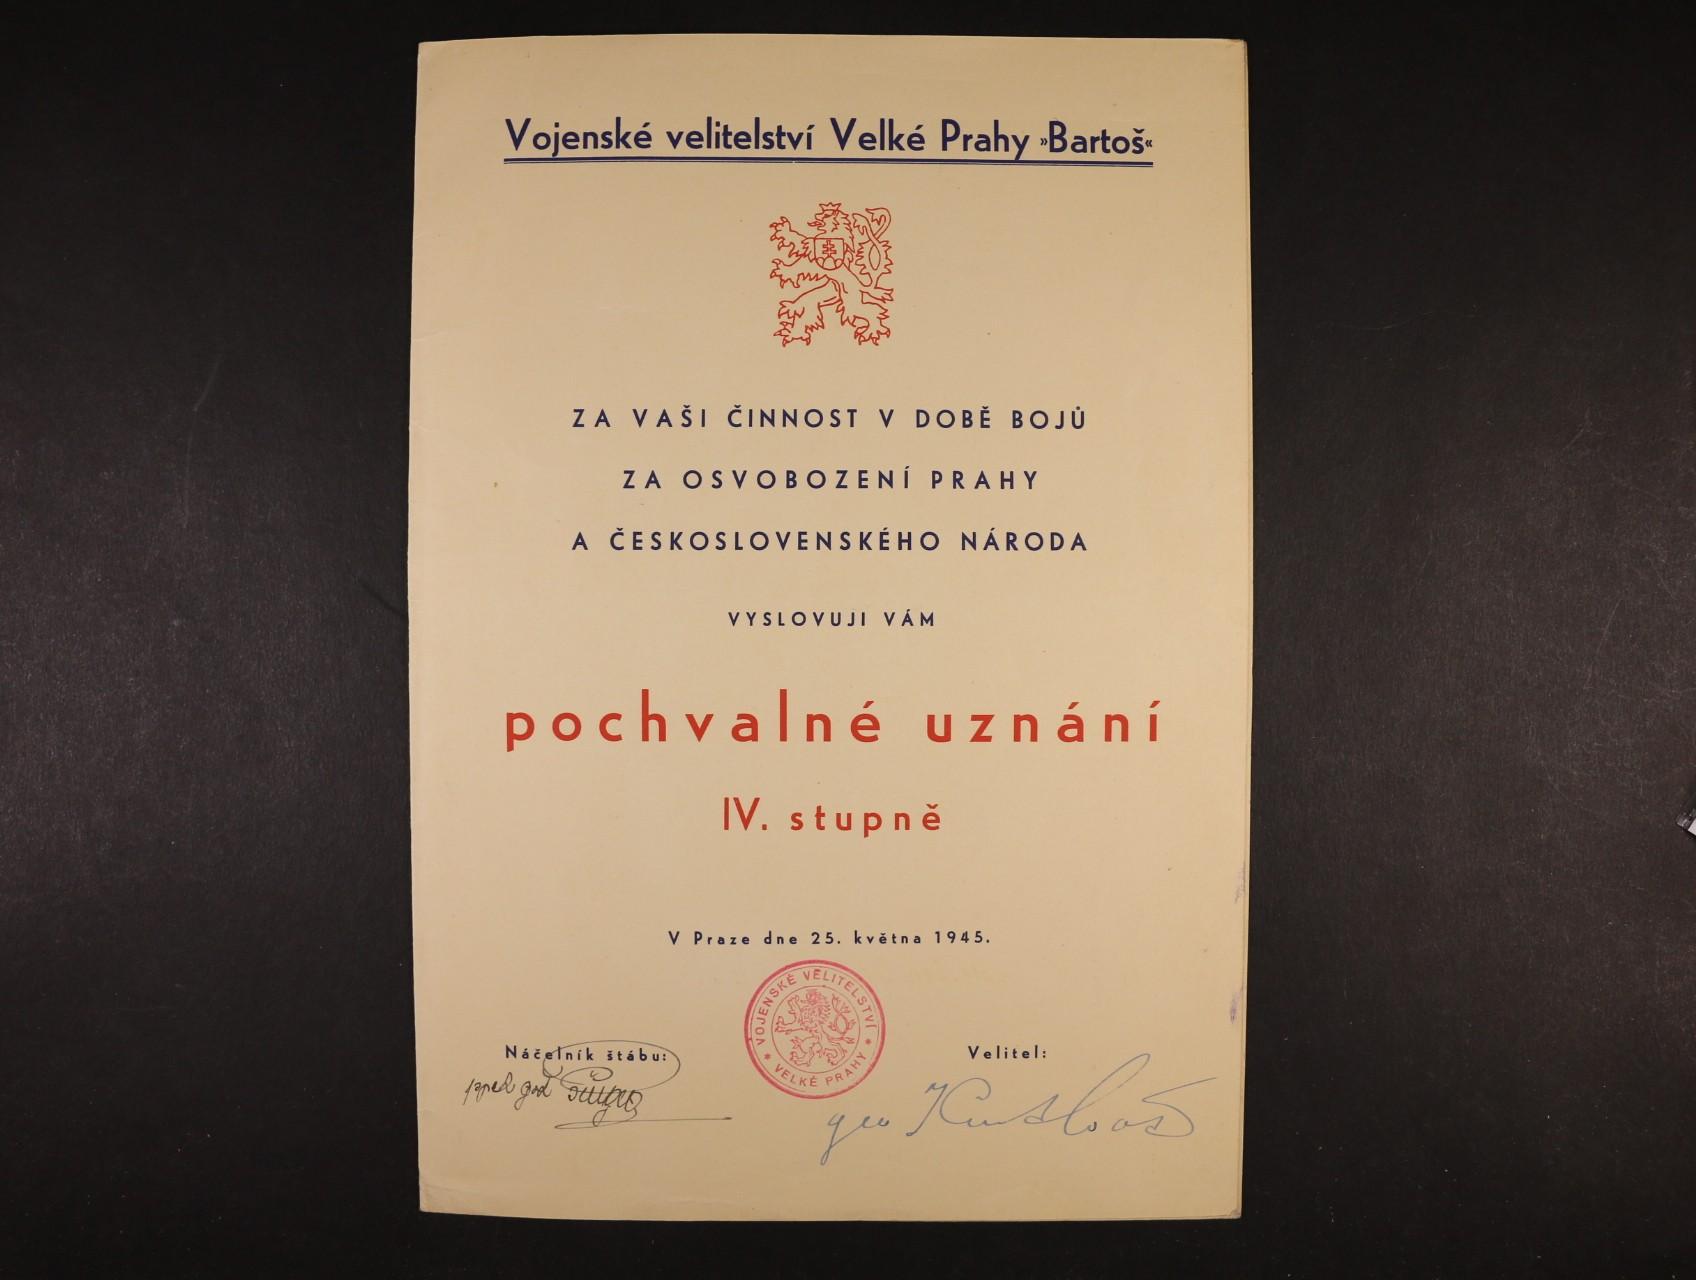 Kutlvašer Gen. 1895 - 1961, generál, legionář, vrchní velitel Prahy - dekret - pochvalné uznání IV. stupně za osvobození Prahy s vlastnoručním podpisem